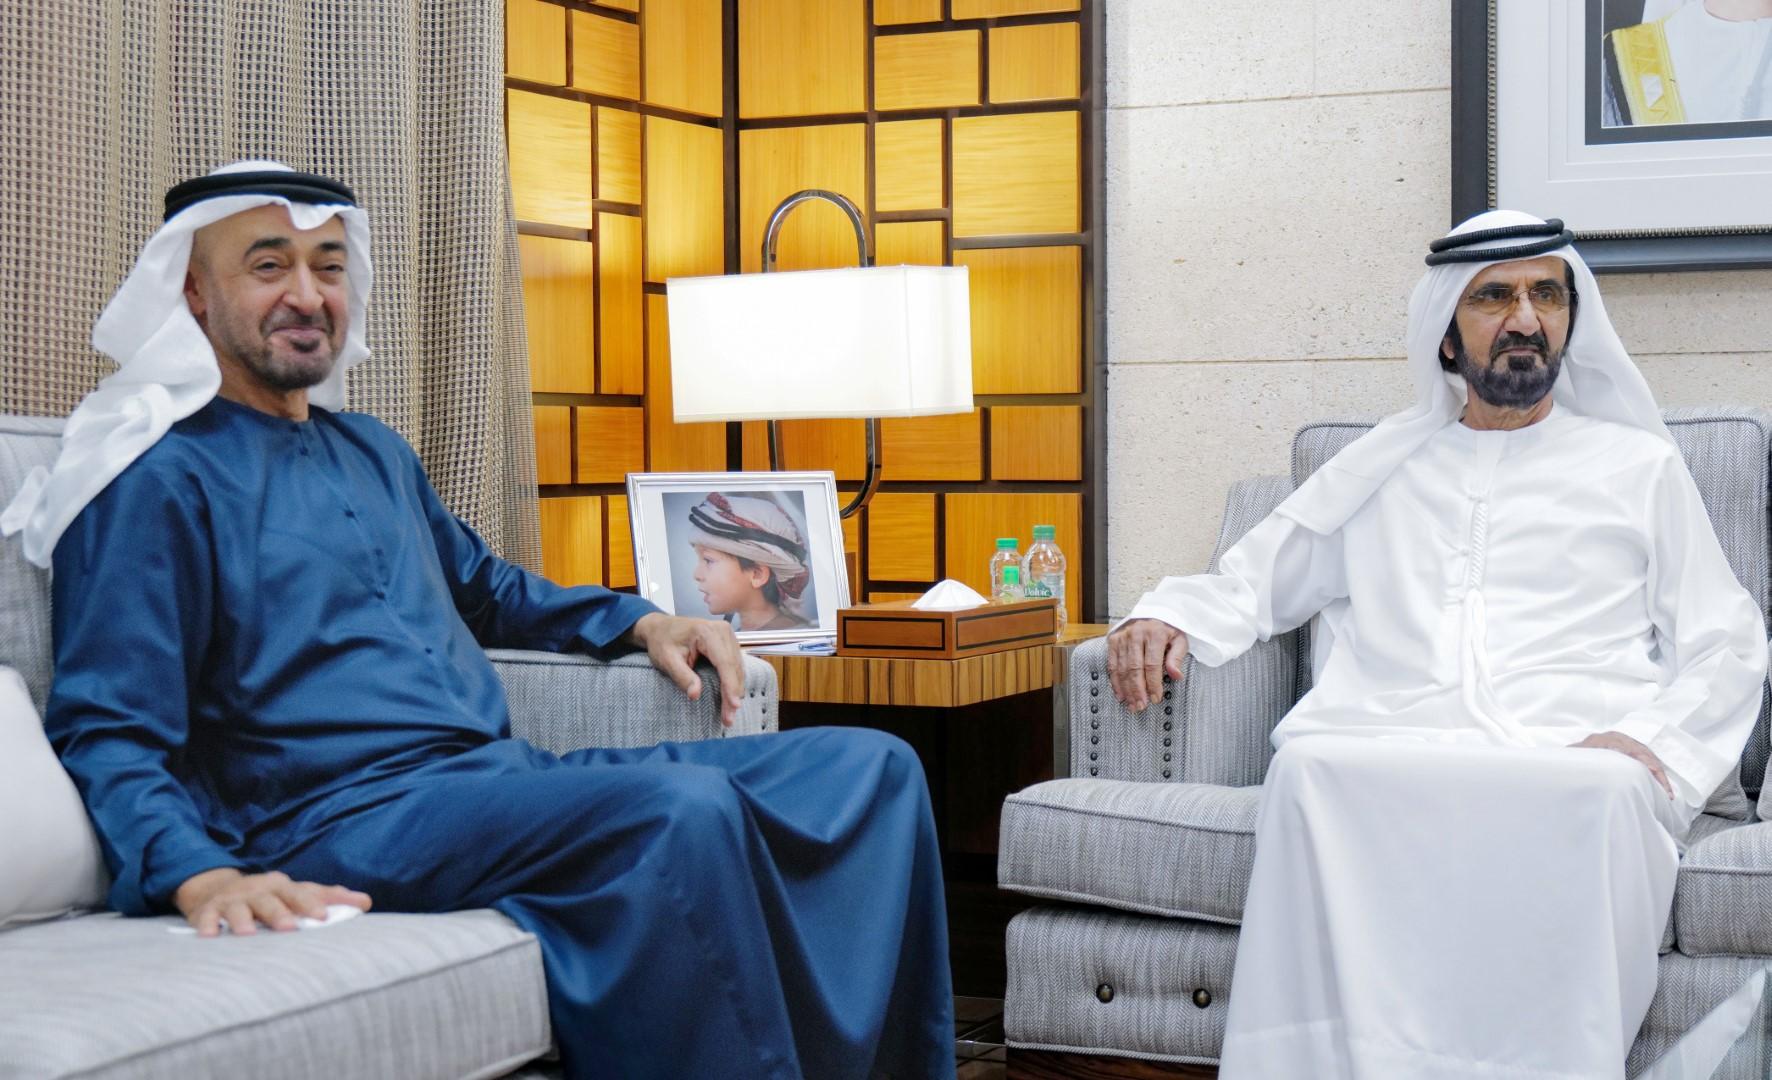 محمد بن راشد يلتقي محمد بن زايد ويبحثان عددا من الموضوعات المتعلقة بخدمة الوطن و المواطن